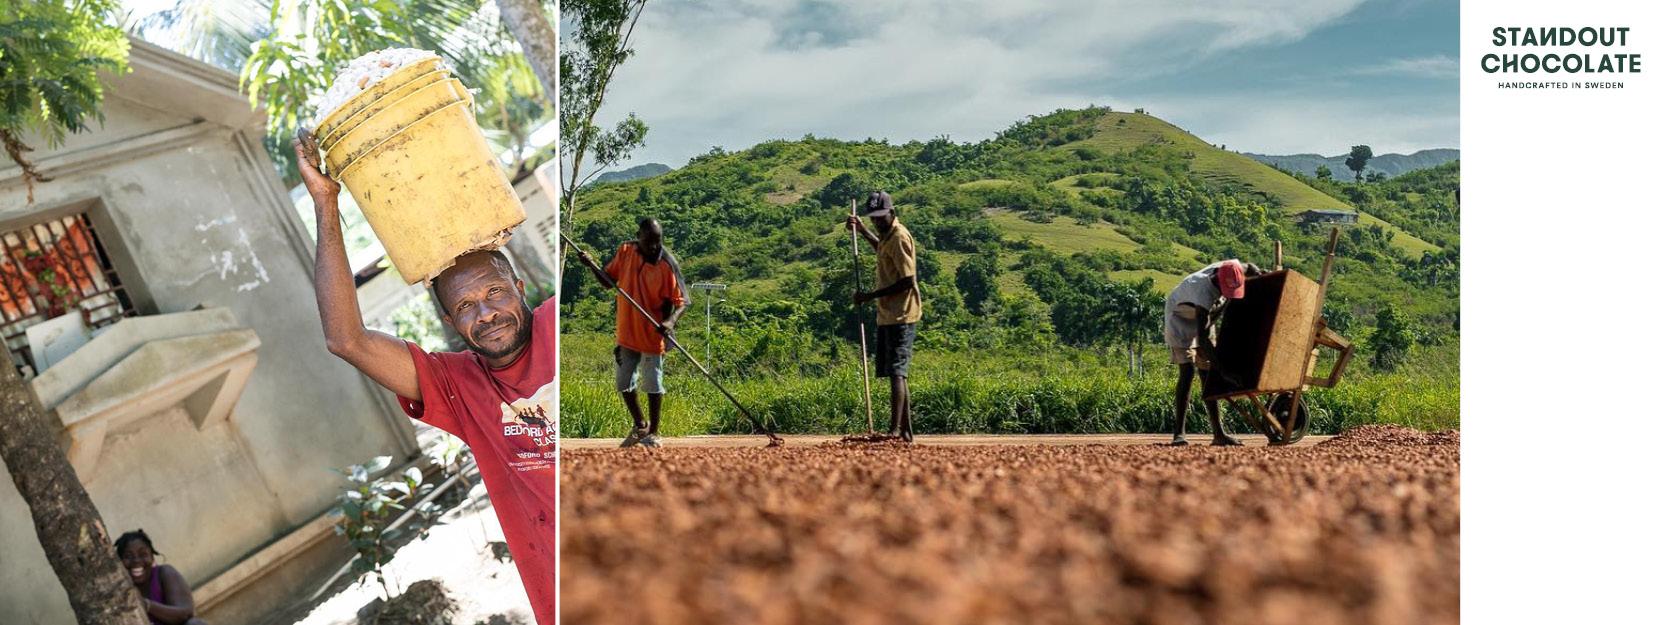 Produzenten-Standout-Haiti